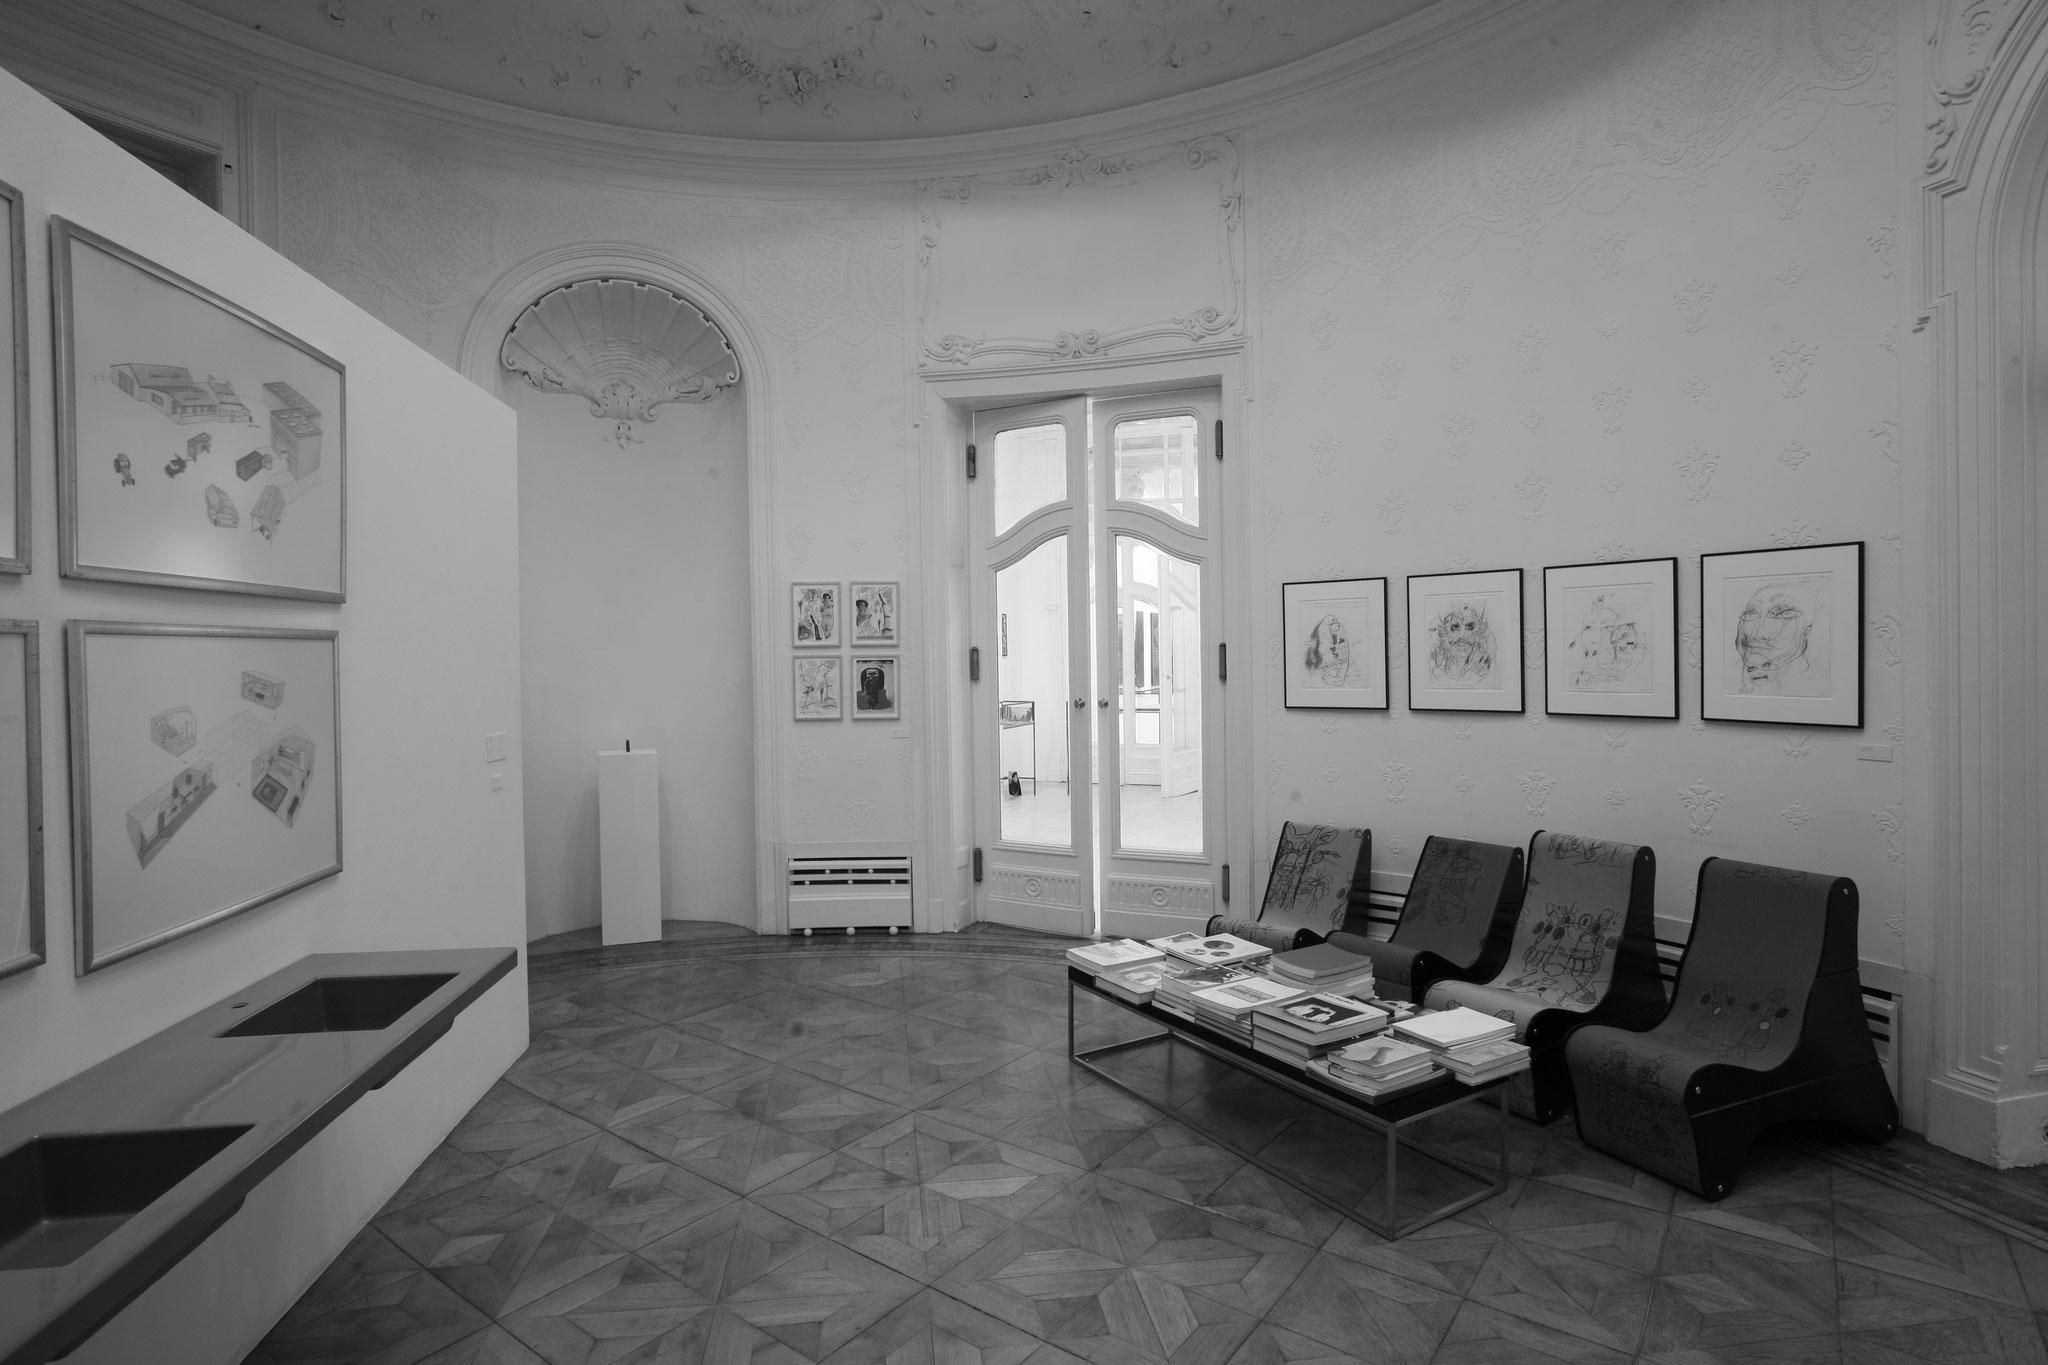 Galerie Krinzinger Vienna